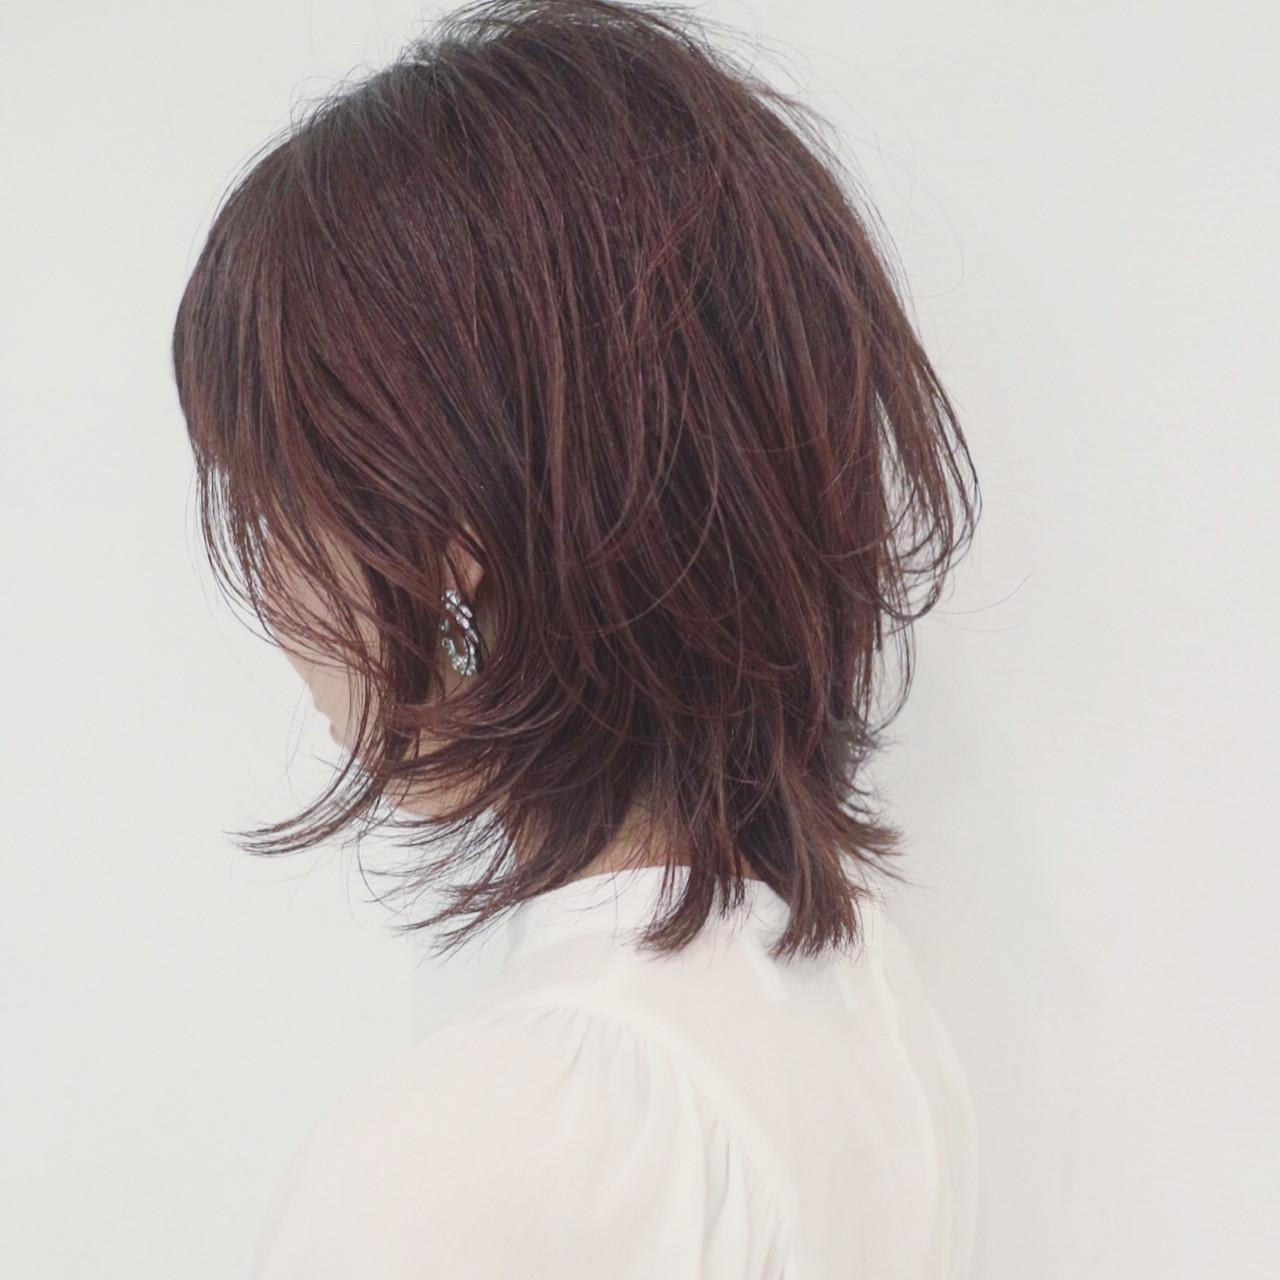 ミディアム フェミニン マッシュ ウルフカット ヘアスタイルや髪型の写真・画像 | 三好 佳奈美 / Baco.(バコ)